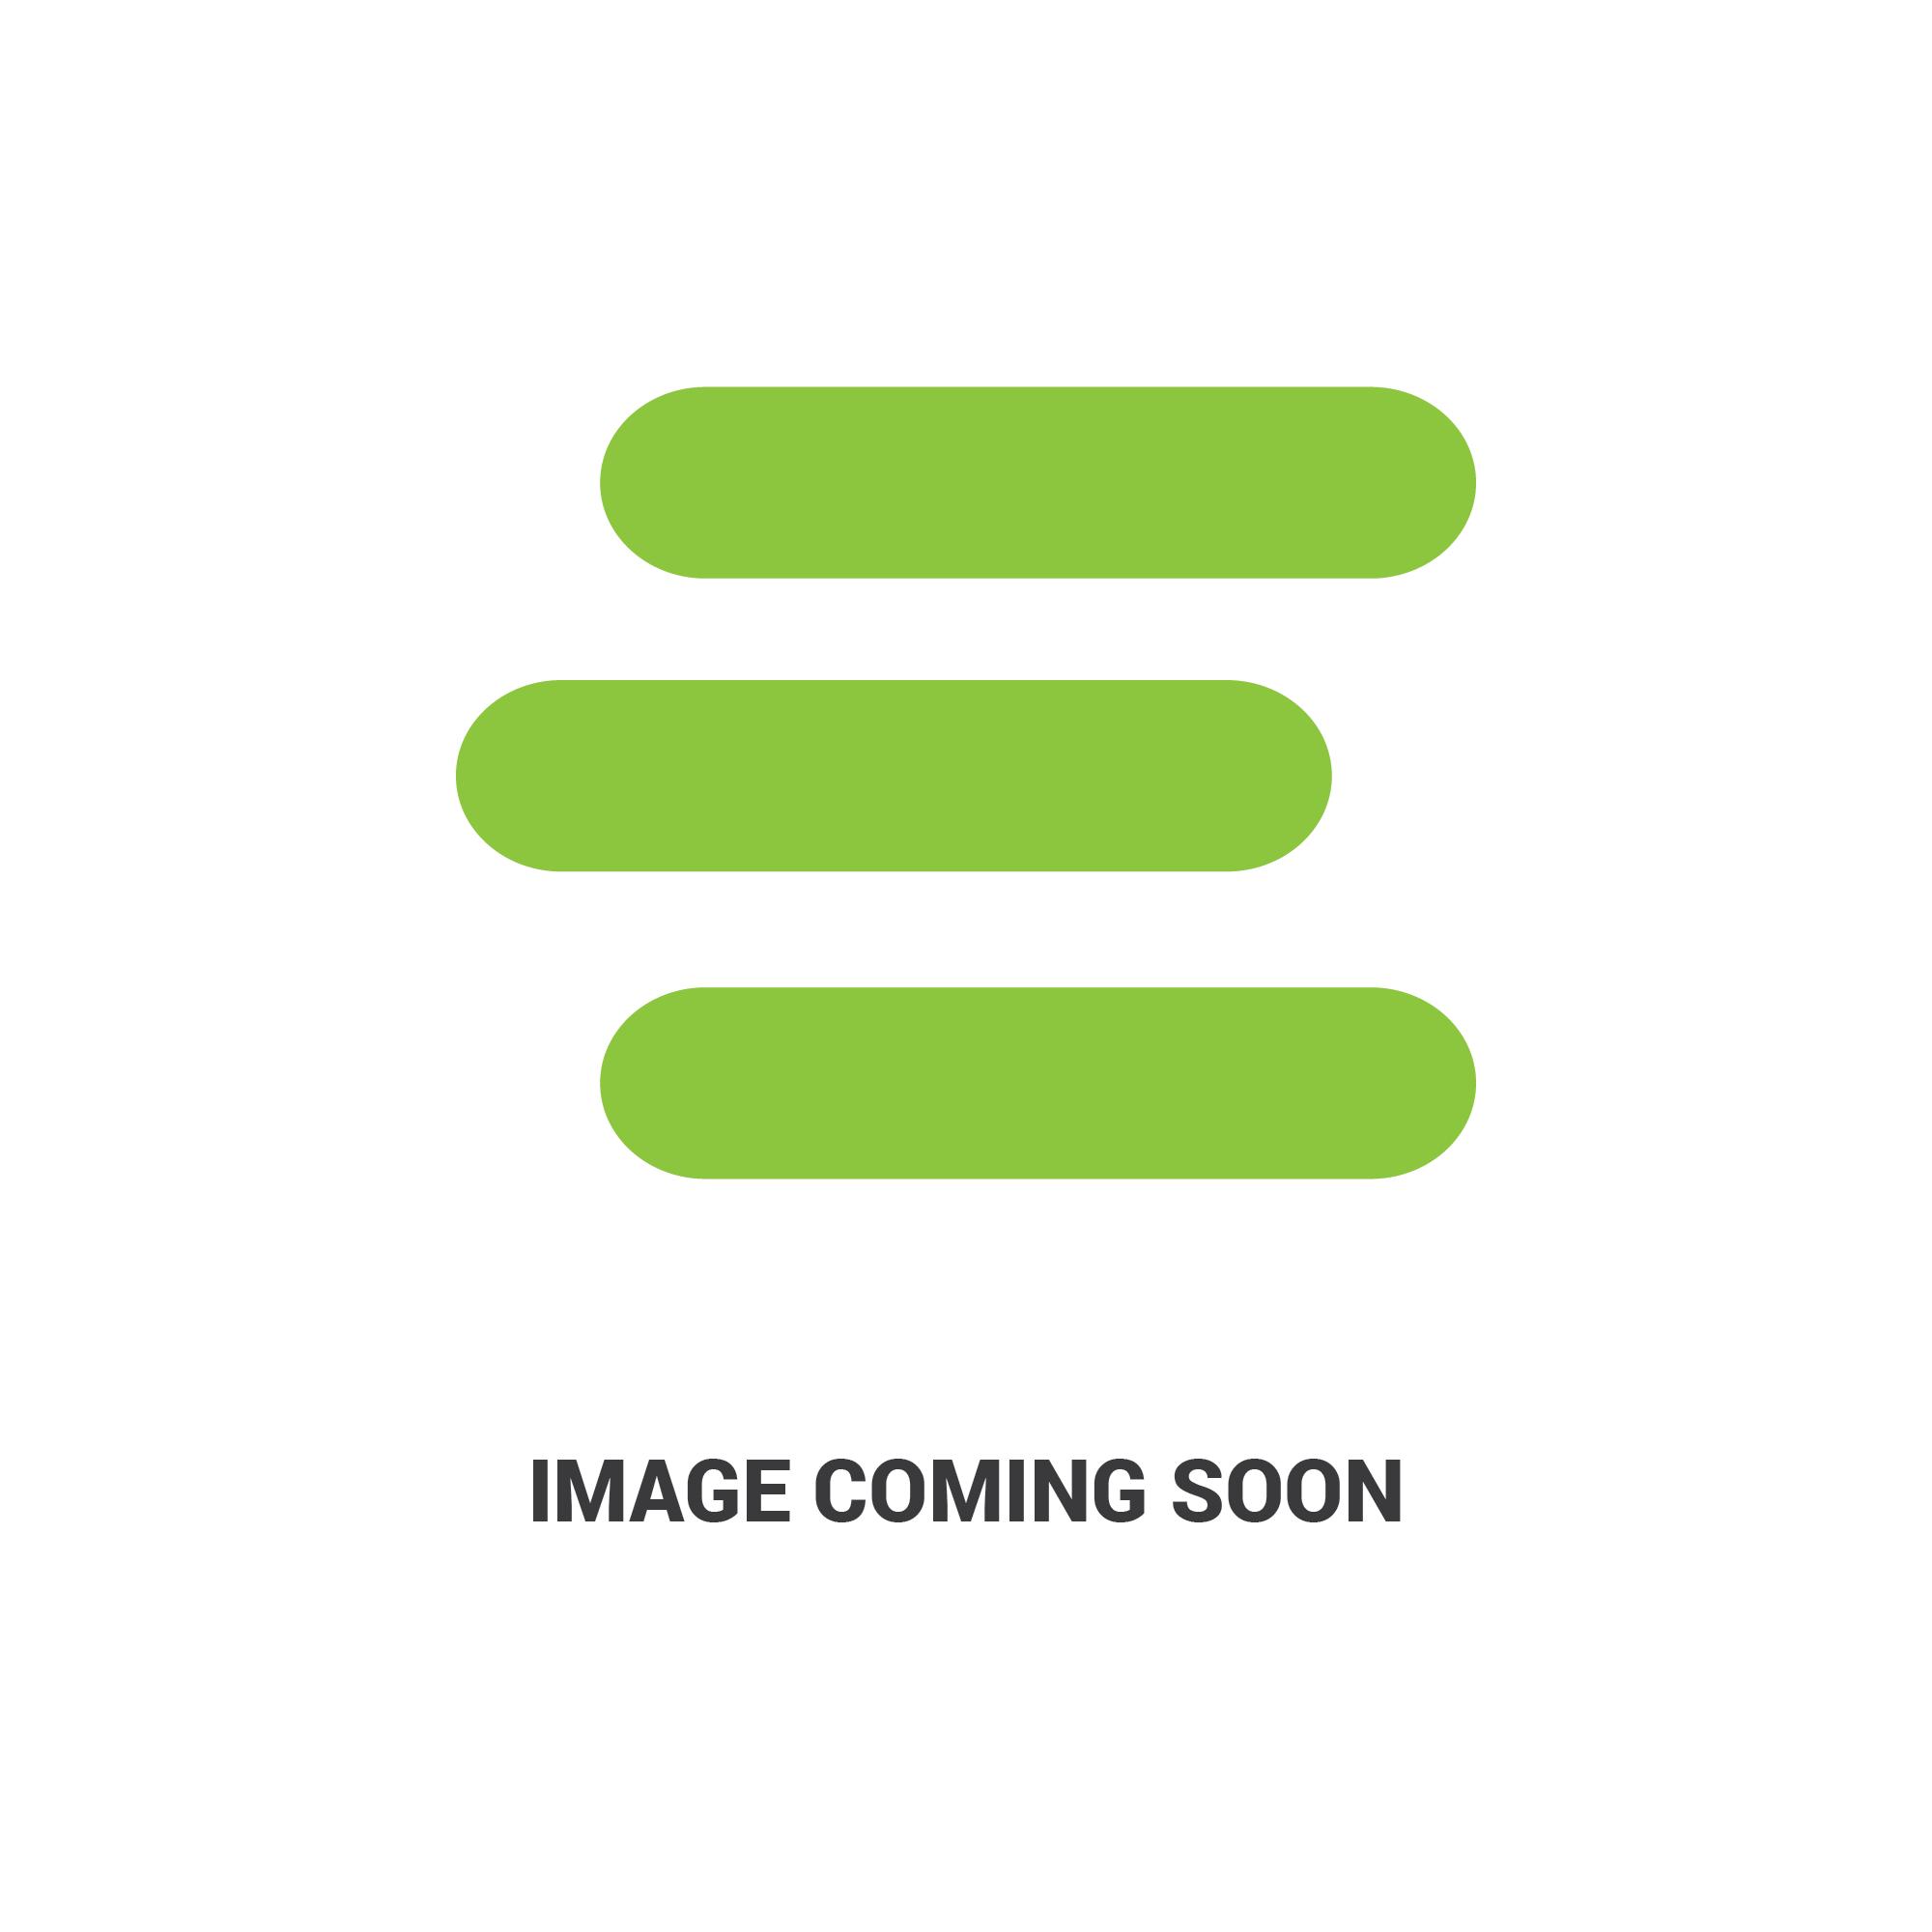 E-PN02Cedit 1.jpg